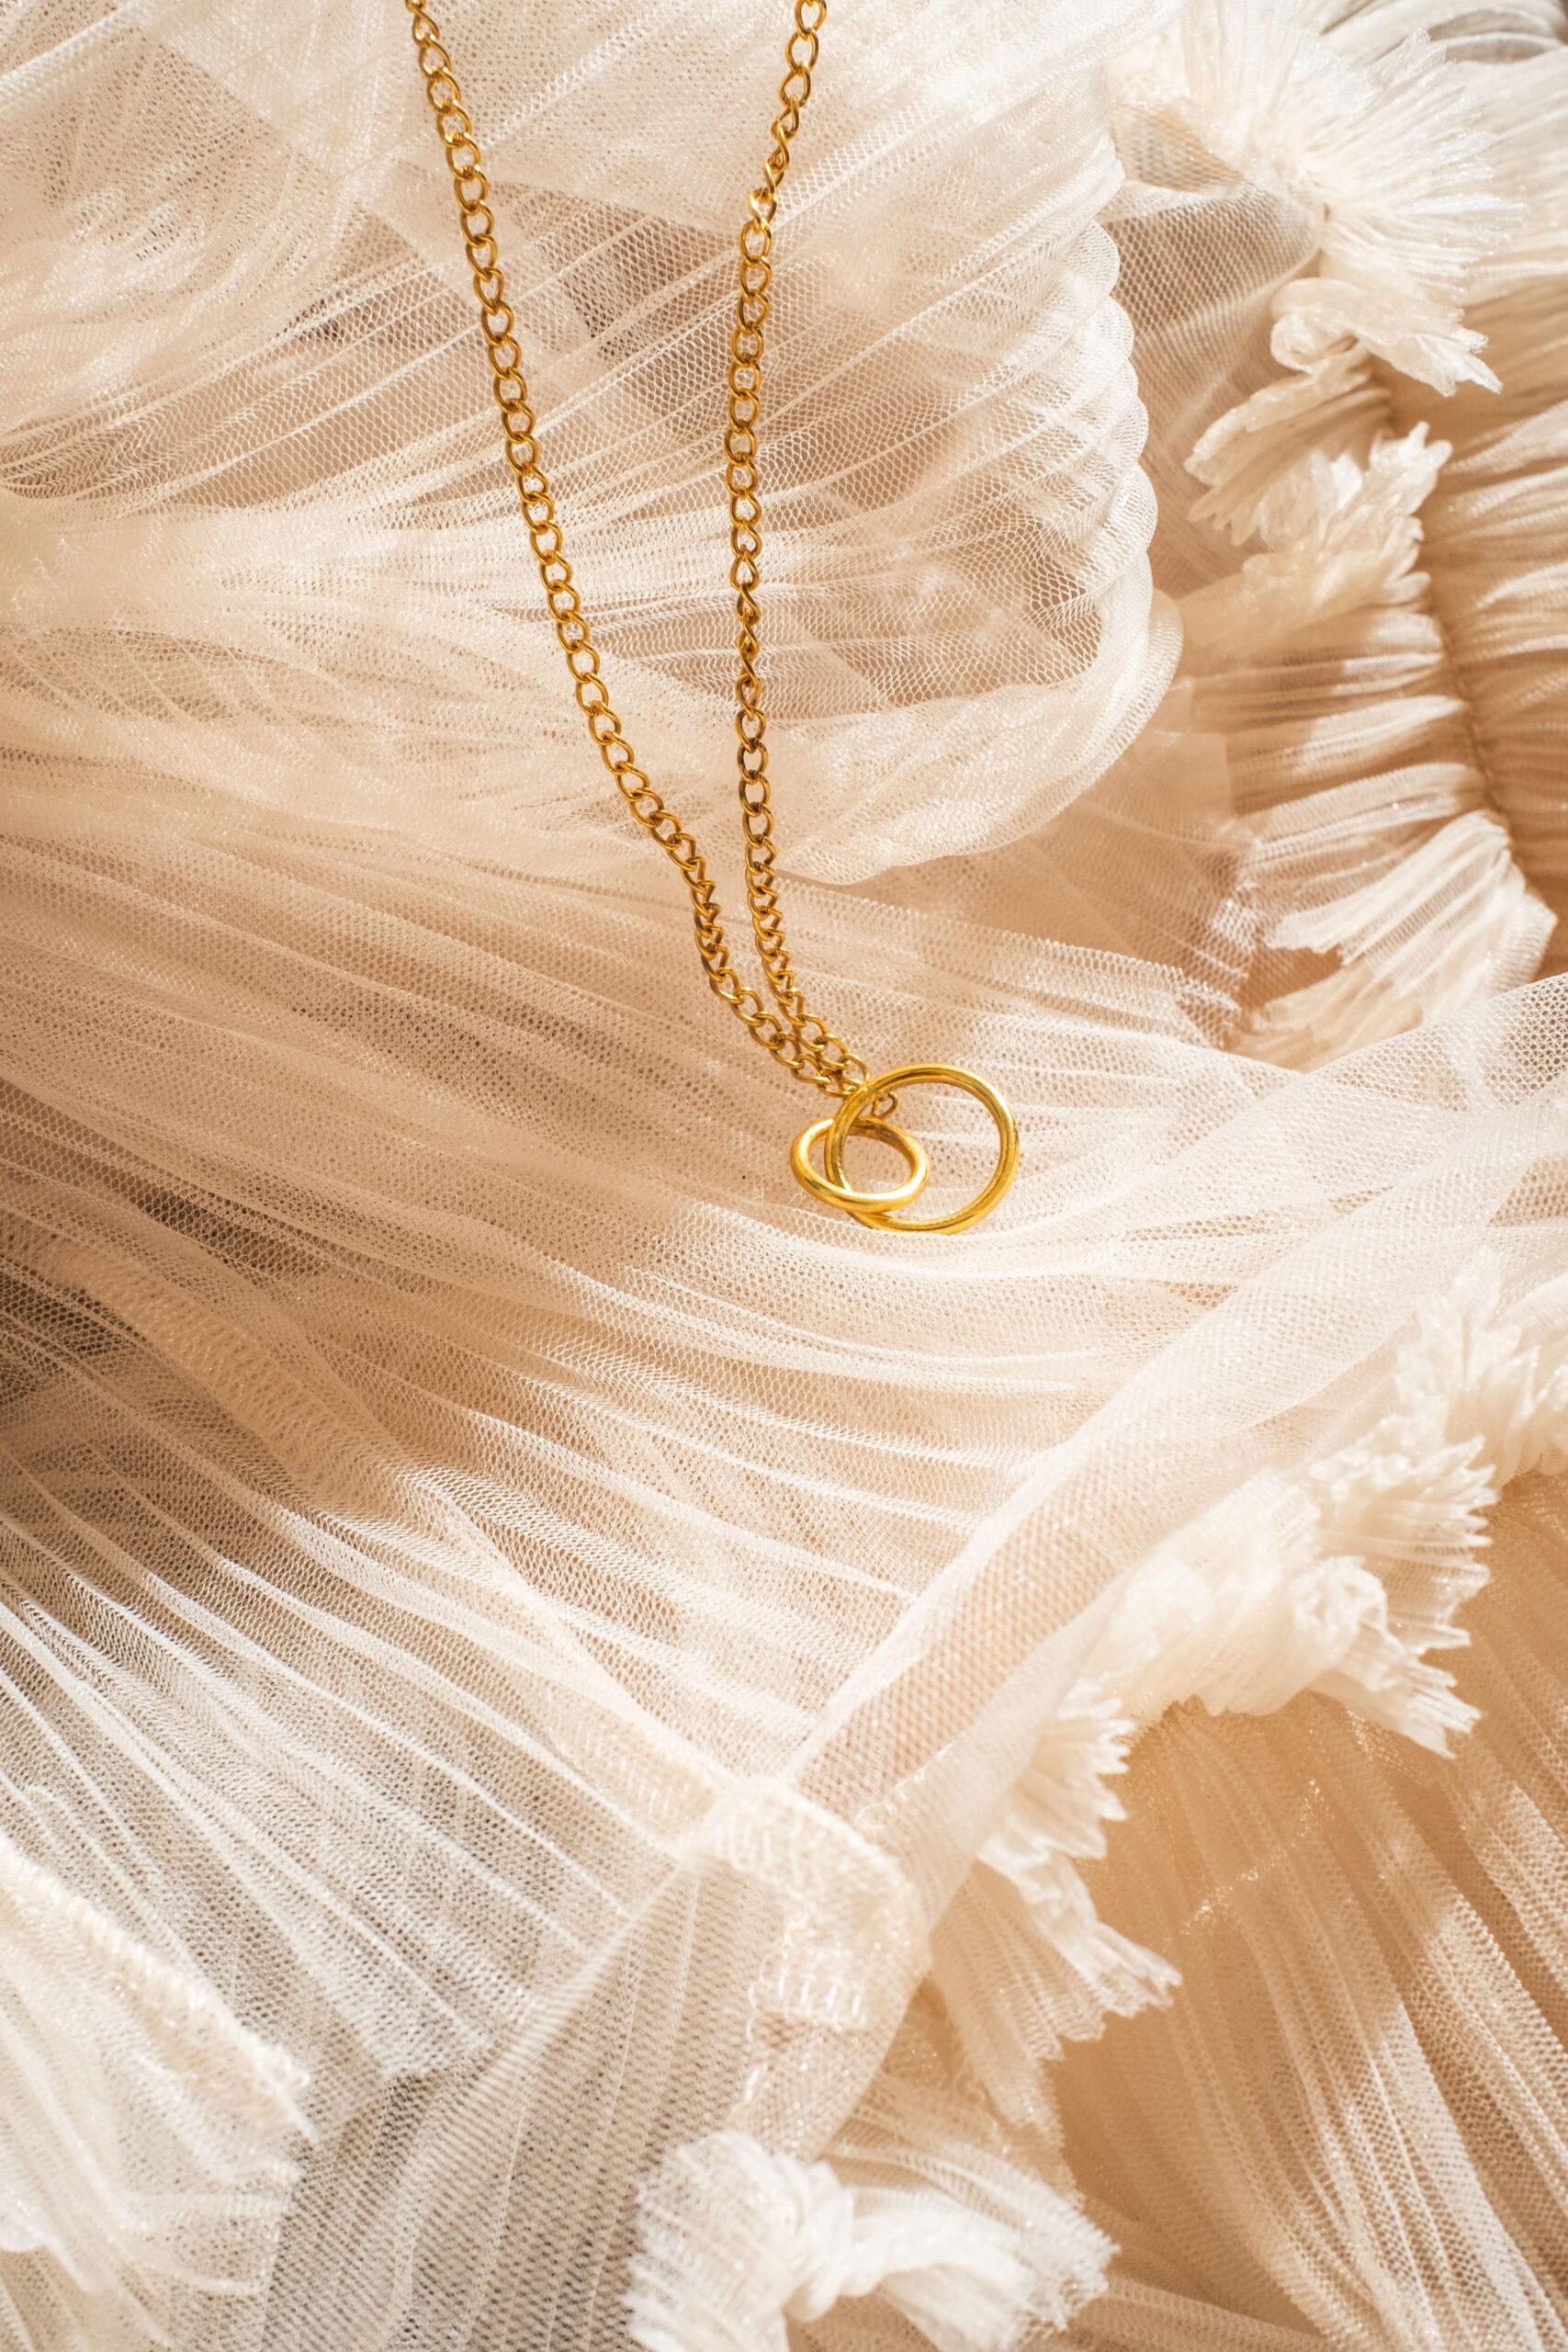 IGC_Jewelry_1005